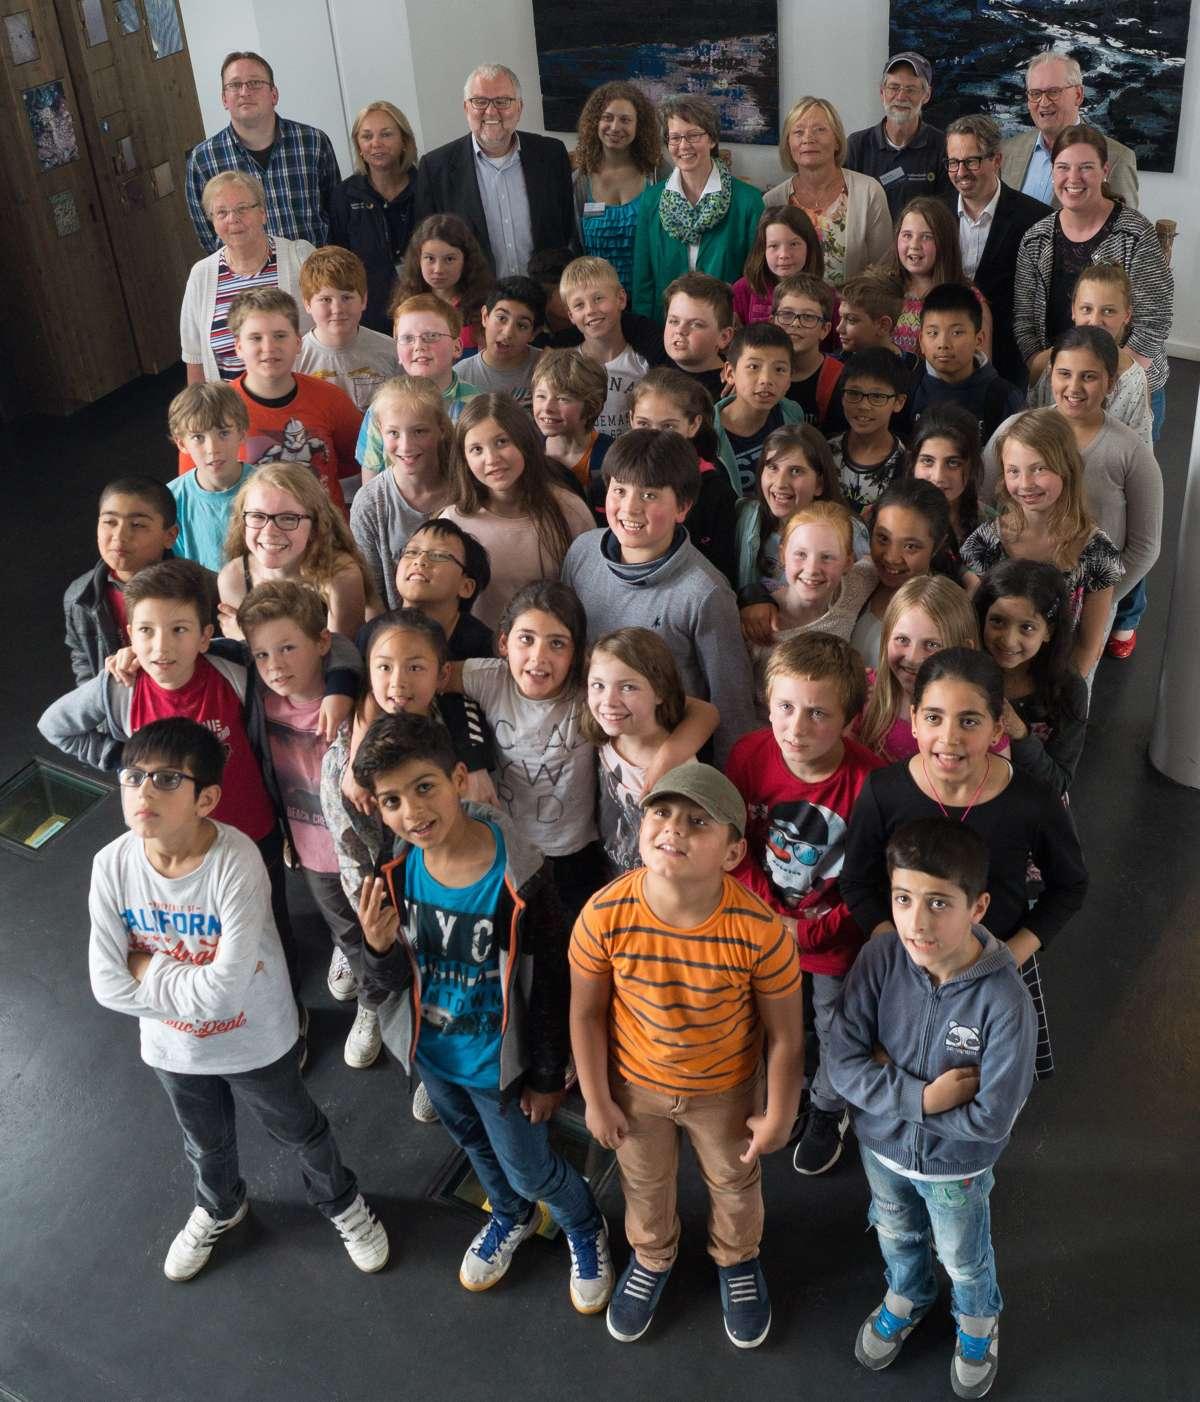 Abschlussfoto der Veranstaltung am 16.6.2017; im Hintergrund die Lehrer, die verantwortlichen Mitarbeiter des Wattenmeer-Besucherzentrums und Vertreter der Sponsoren